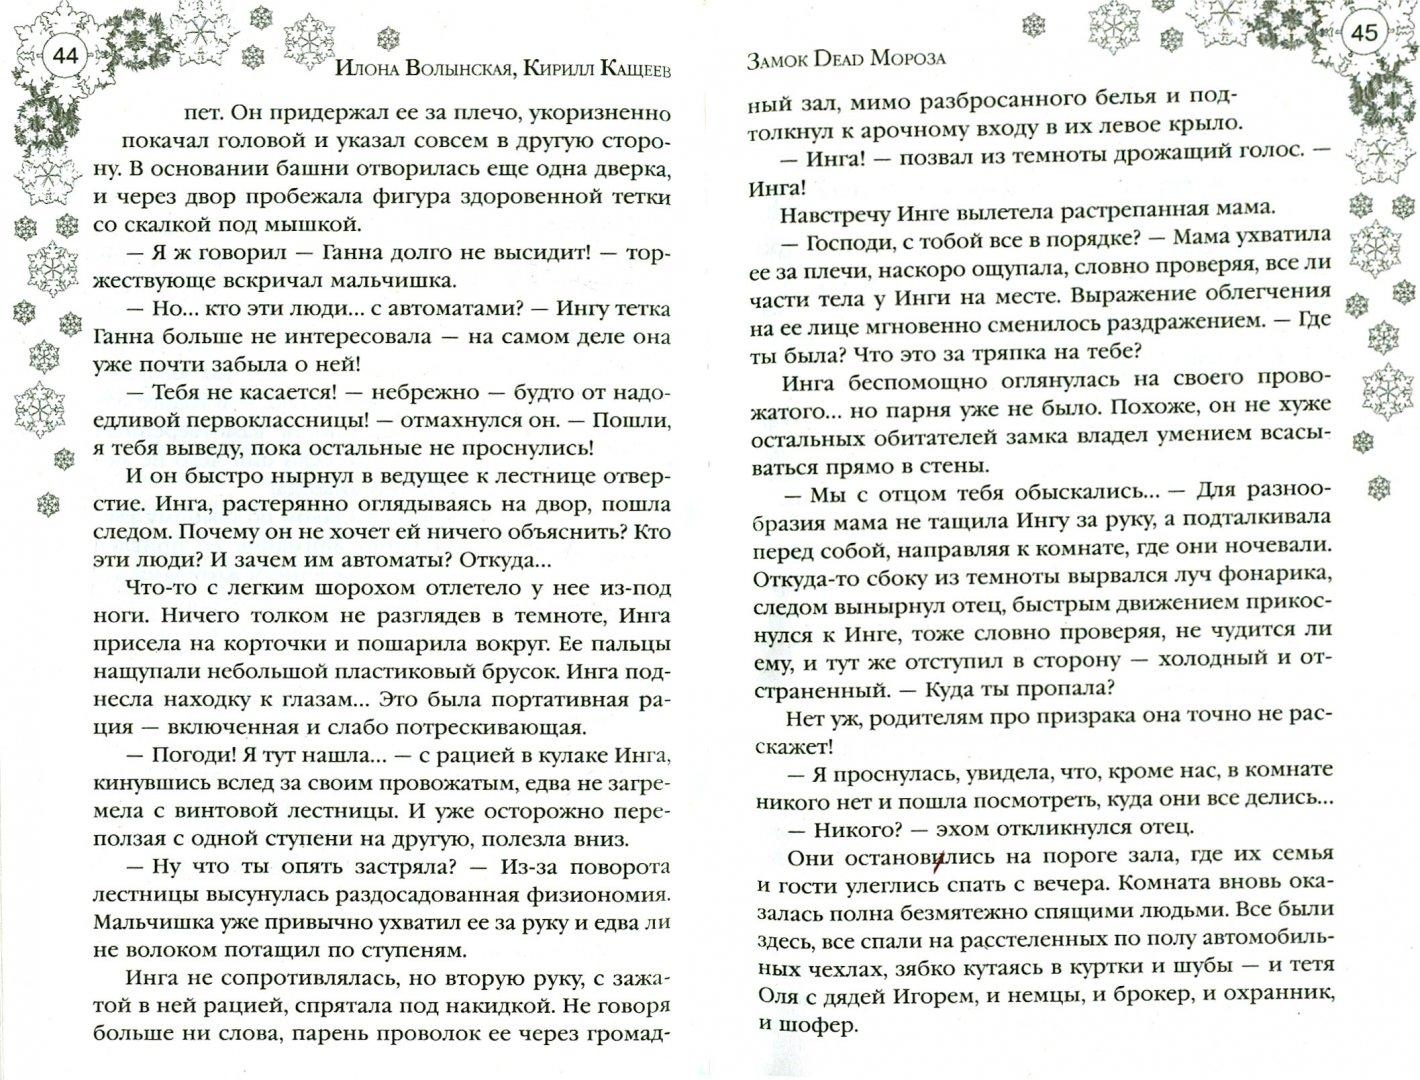 Иллюстрация 1 из 6 для Большая книга приключений. Время волшебства - Волынская, Кащеев, Иванова   Лабиринт - книги. Источник: Лабиринт